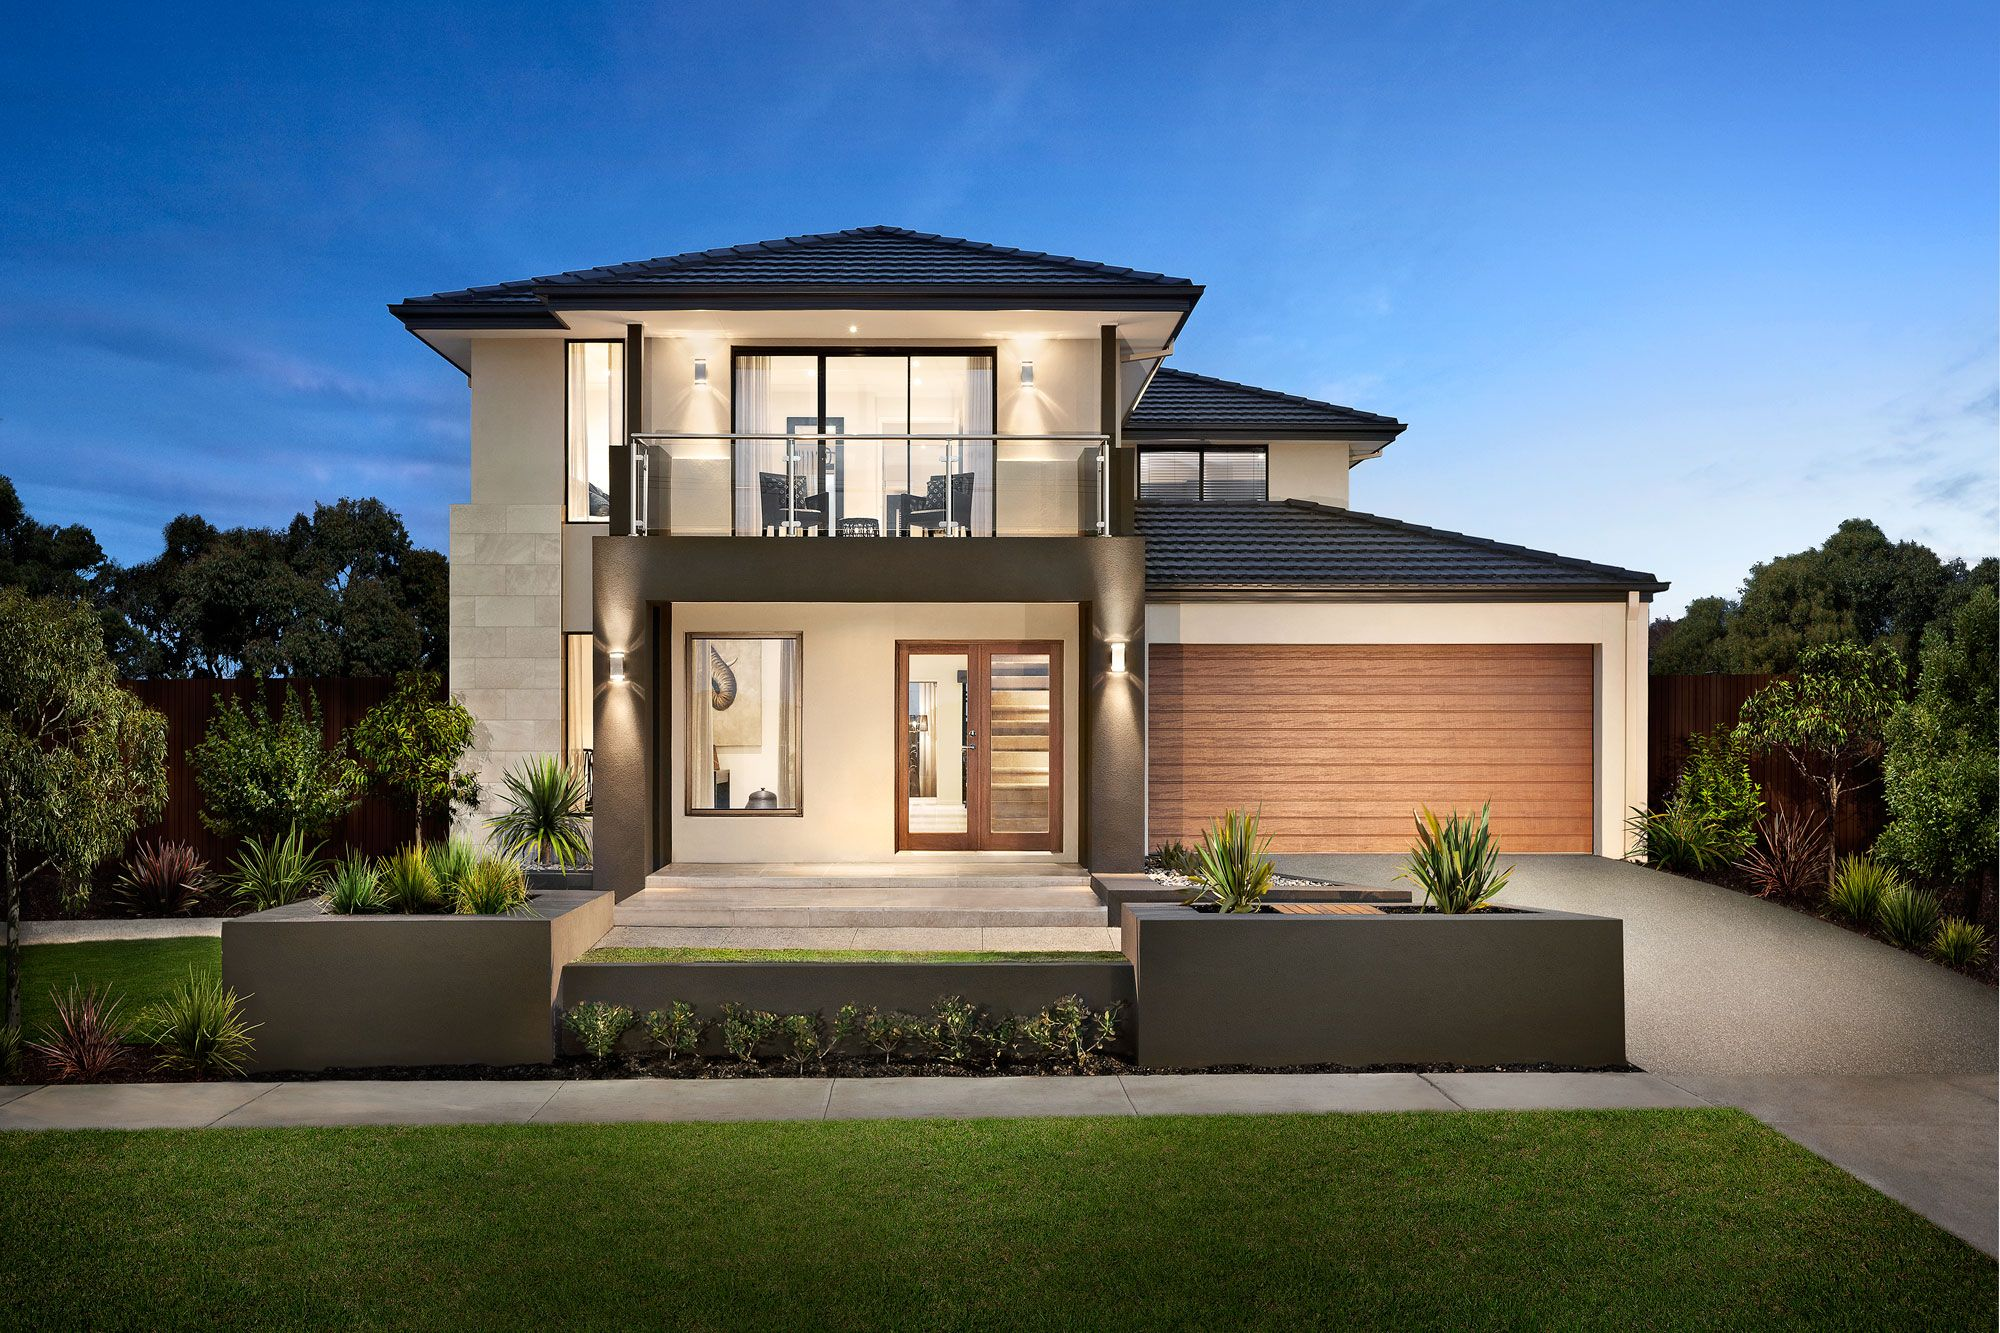 Carlisle homes thompson 35 breeze facade thompson 35 for Small house facade design